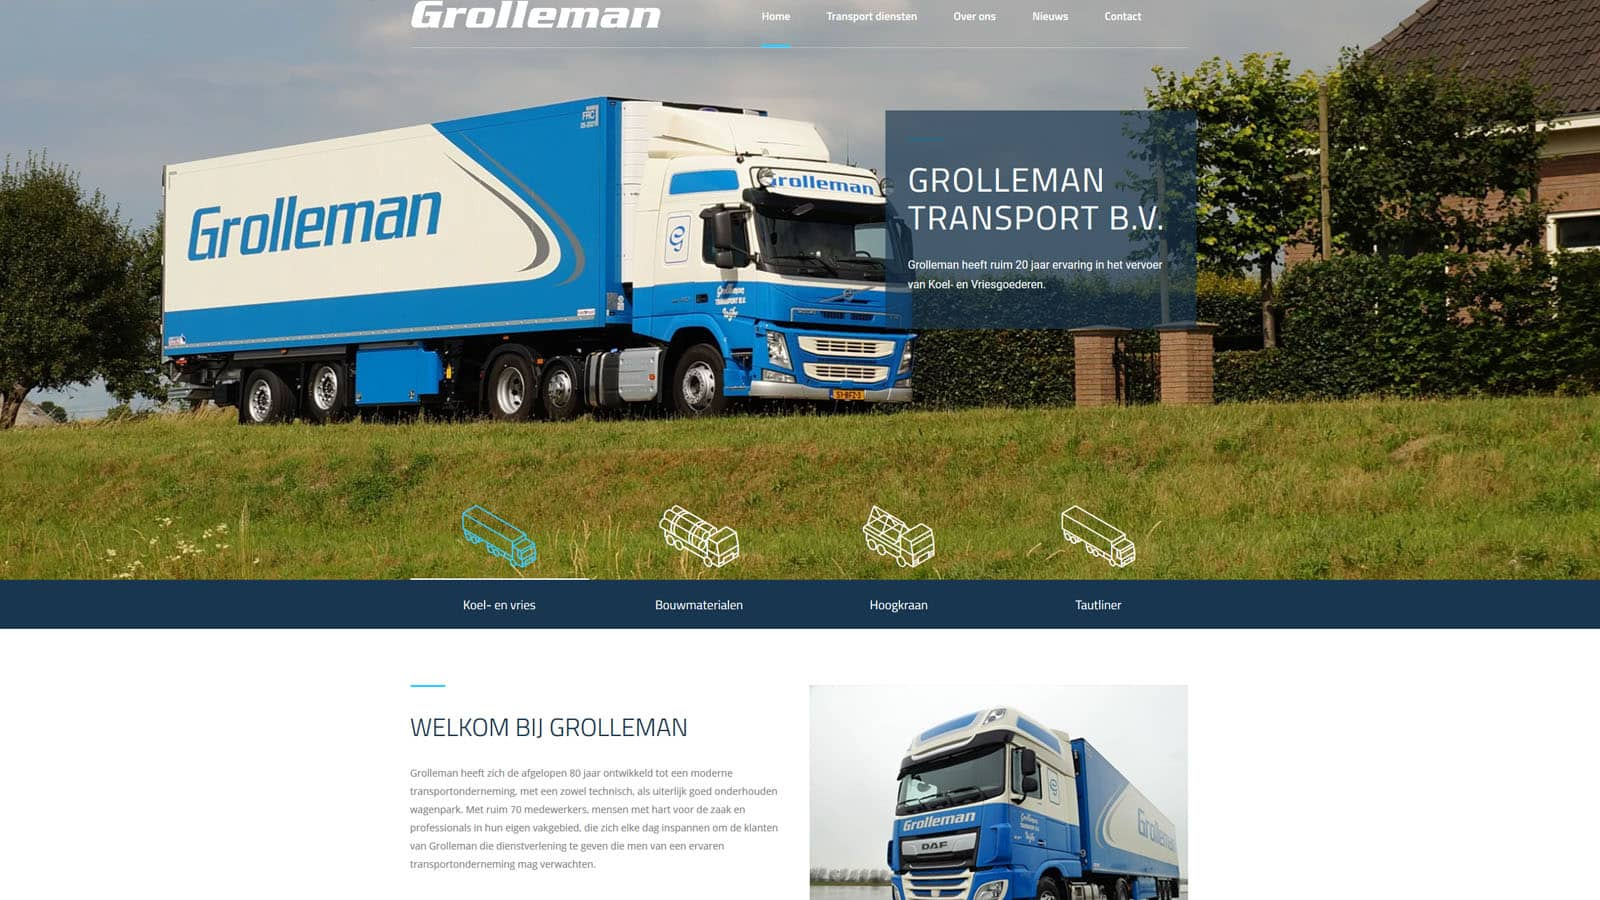 - grolleman - Websites